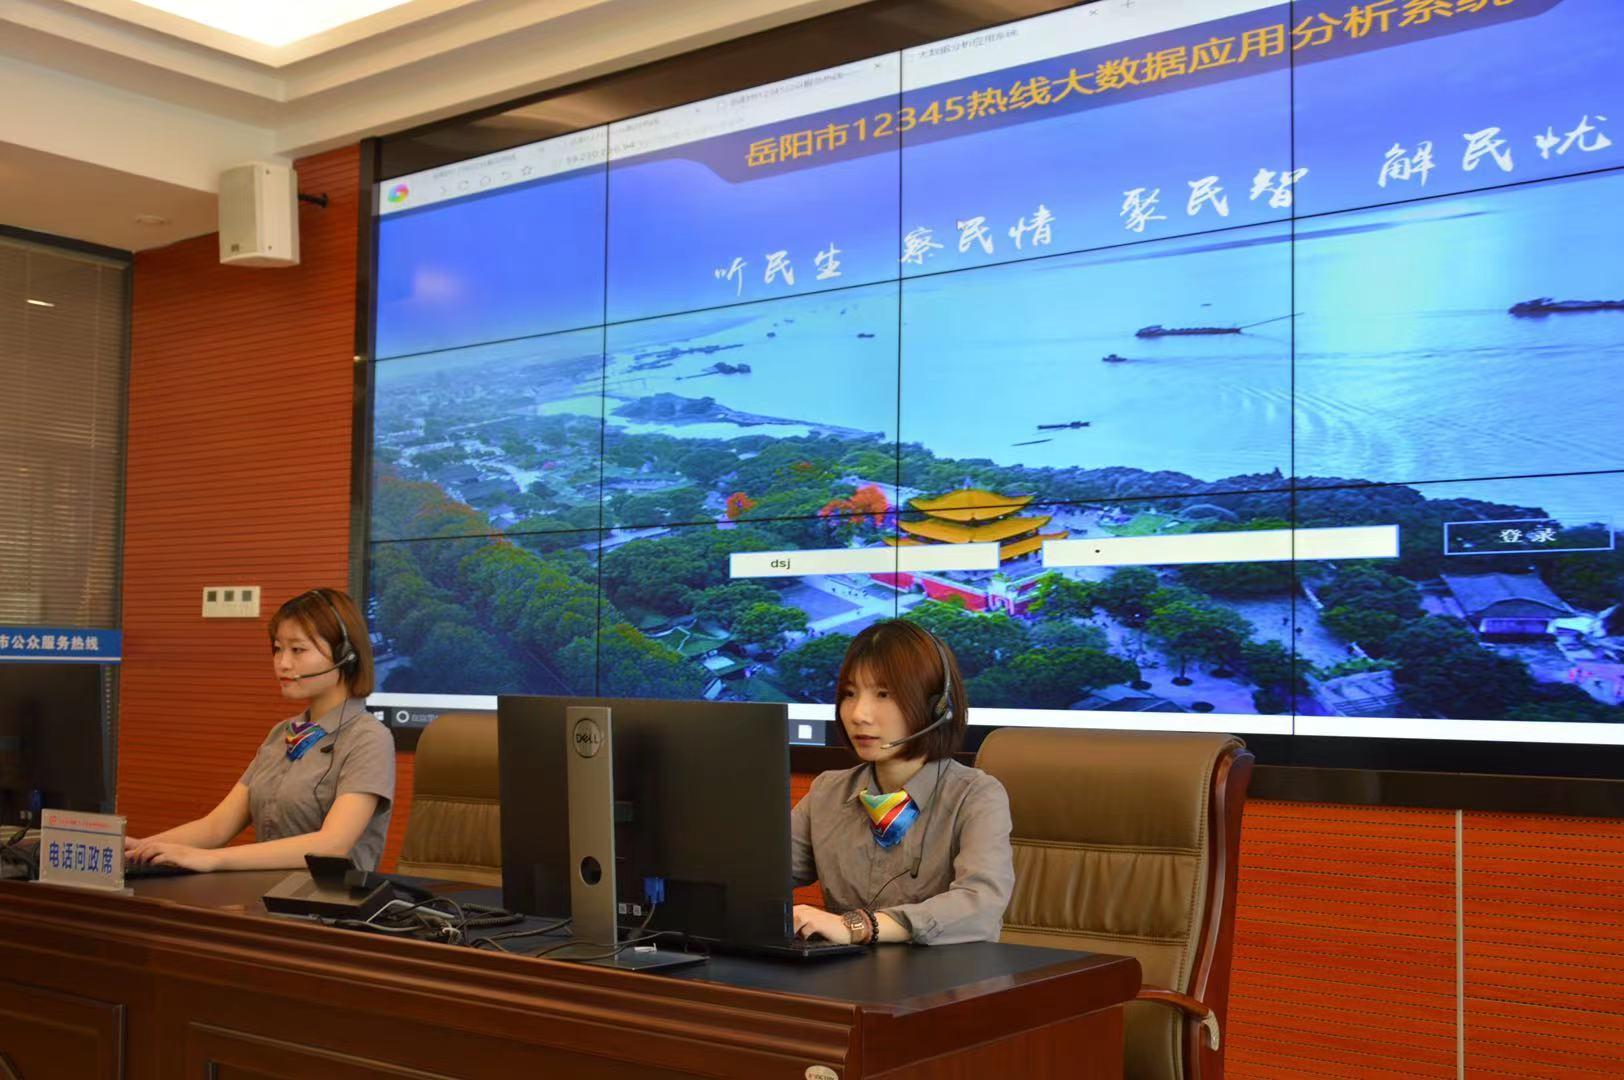 """省内率先""""接诉即办""""!岳阳市将全面推行12345热线公共服务新模式"""